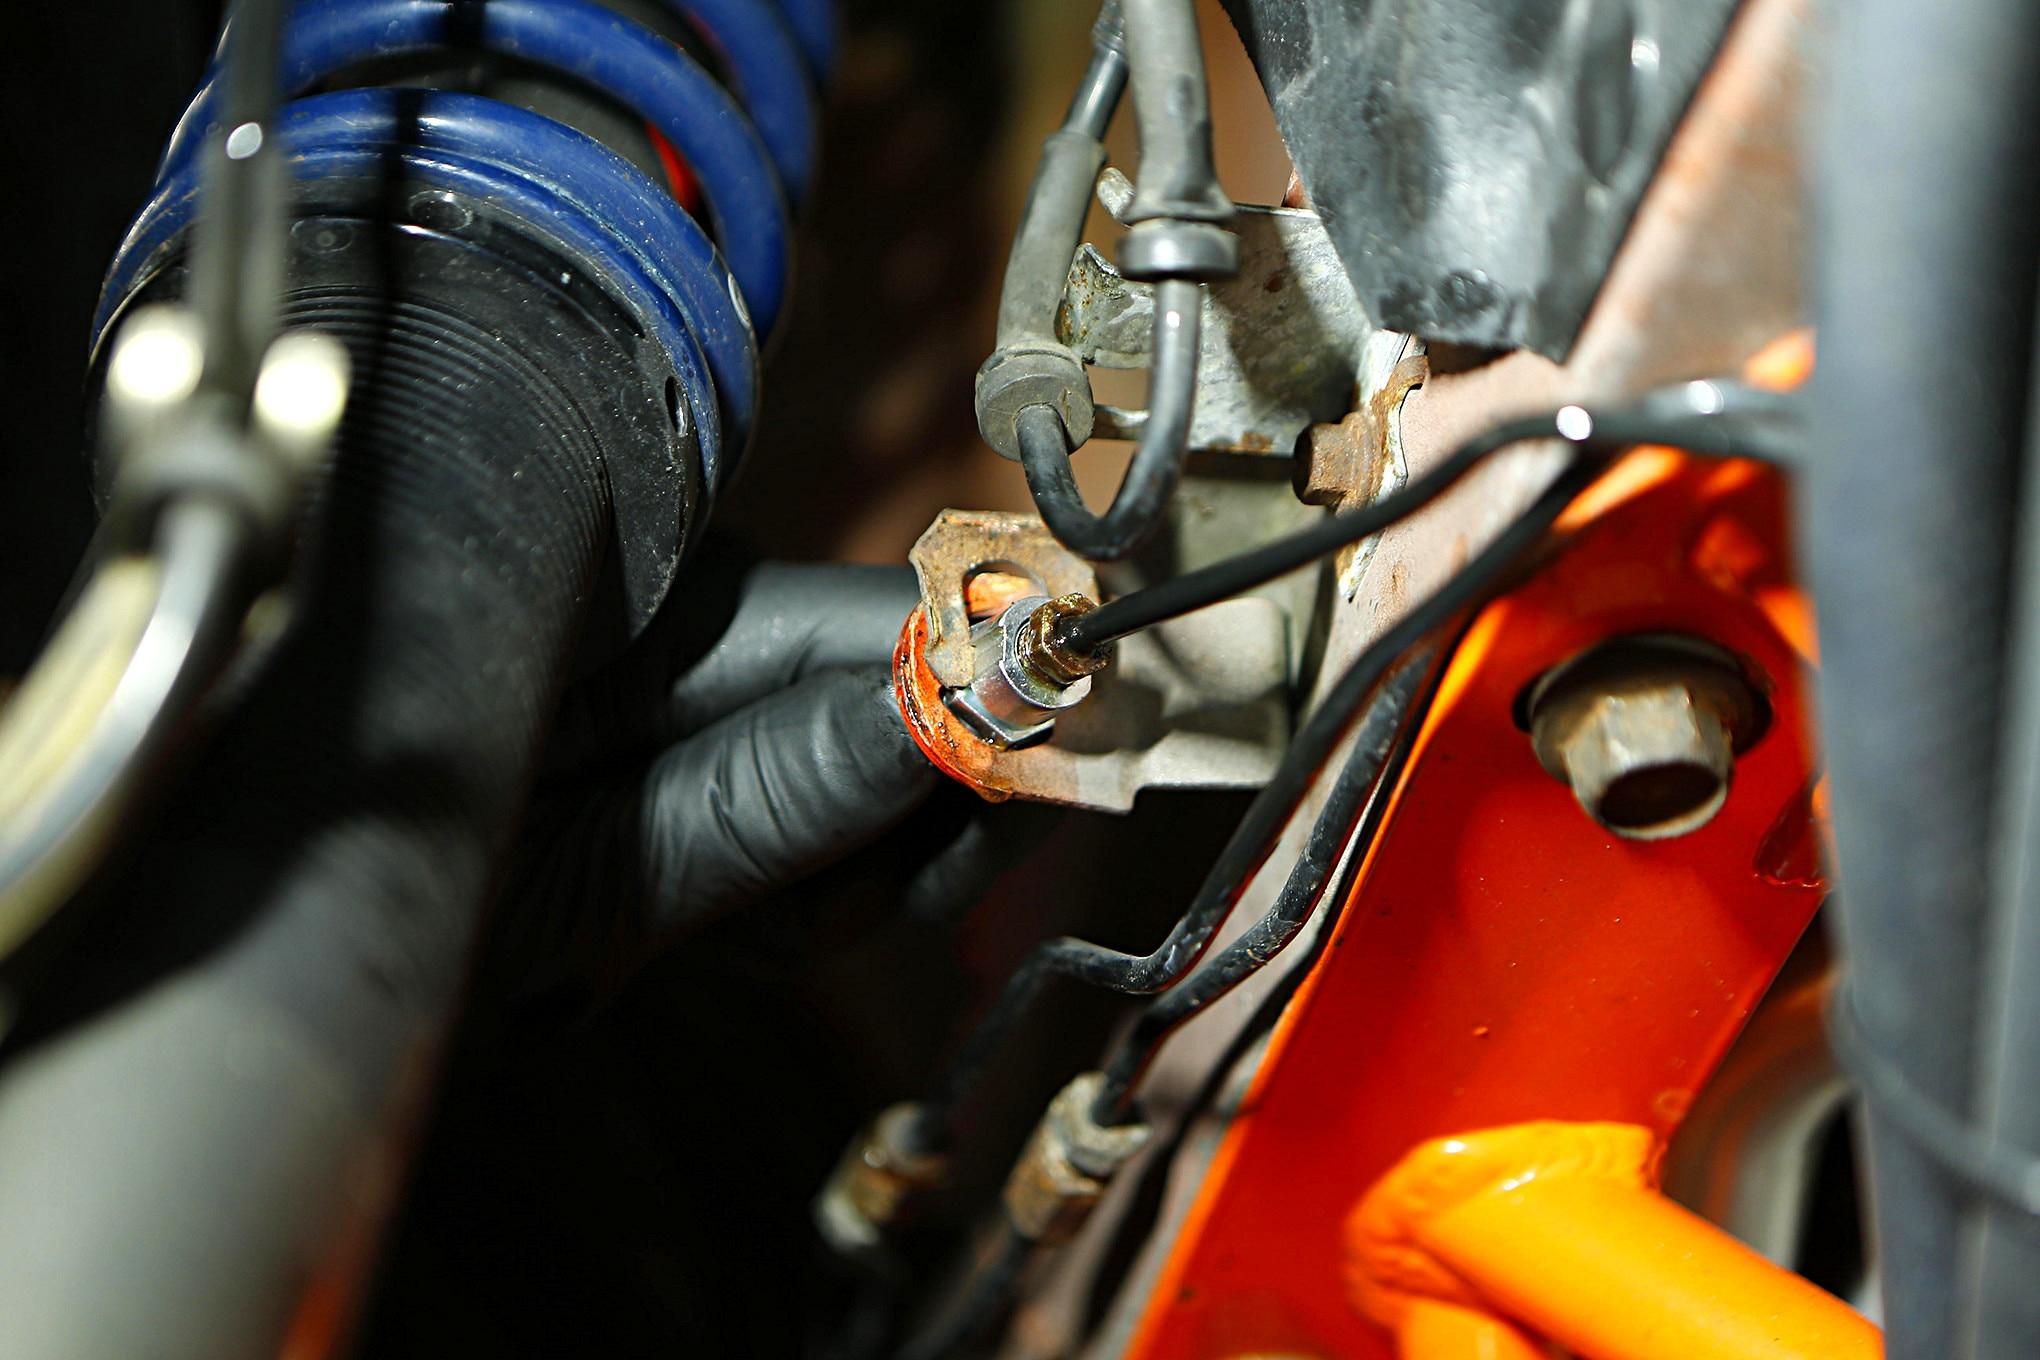 Baer Brakes Install New Edge 018